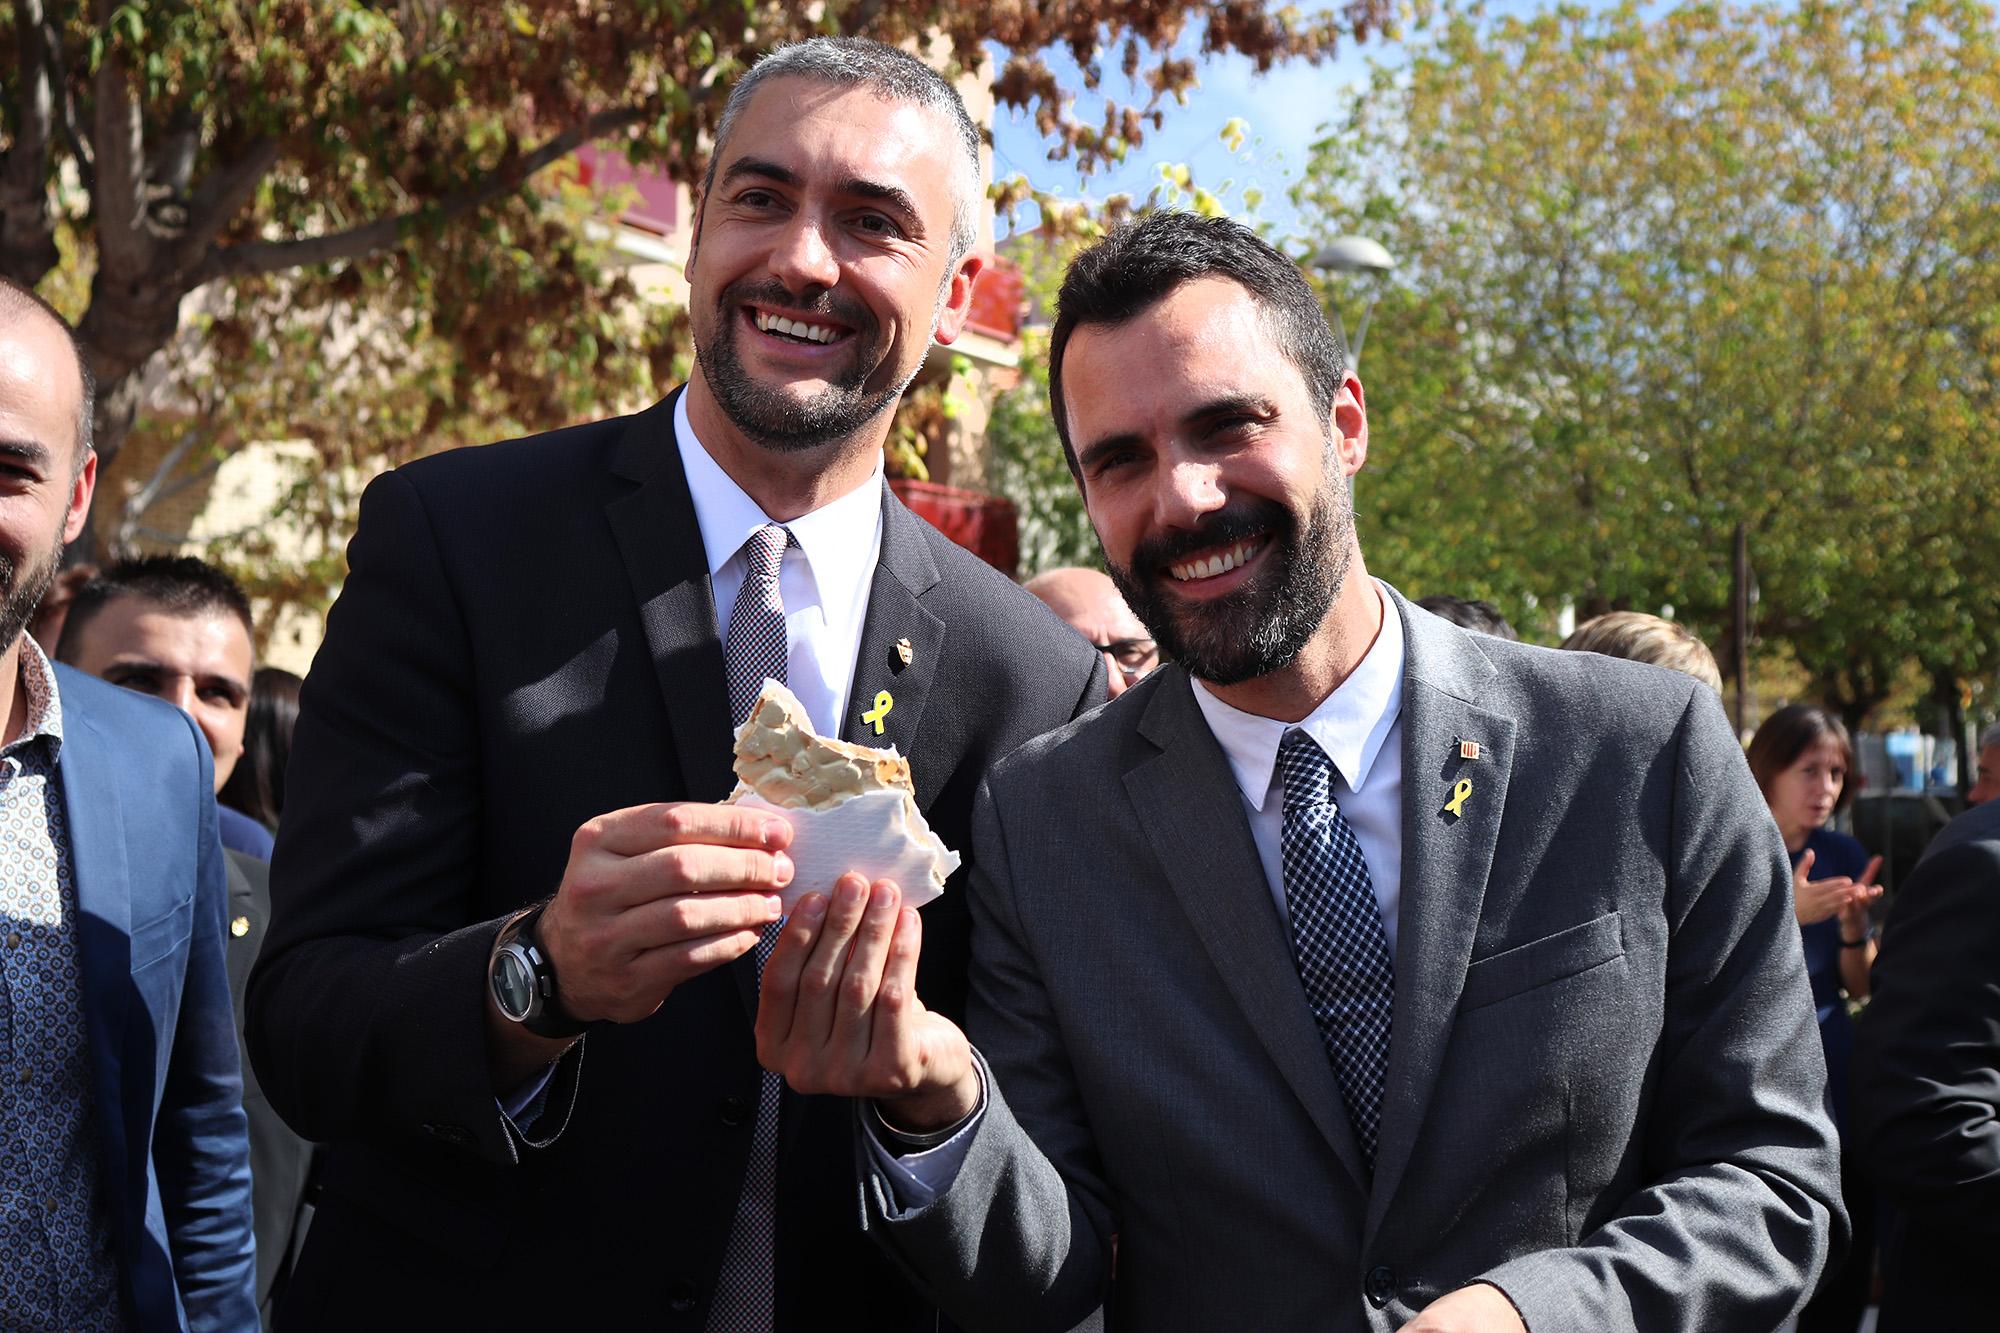 Torrent destaca la perseverança , determinació i futur d'Agramunt en la inauguració de la Fira del Torró i la Xocolata a la Pedra